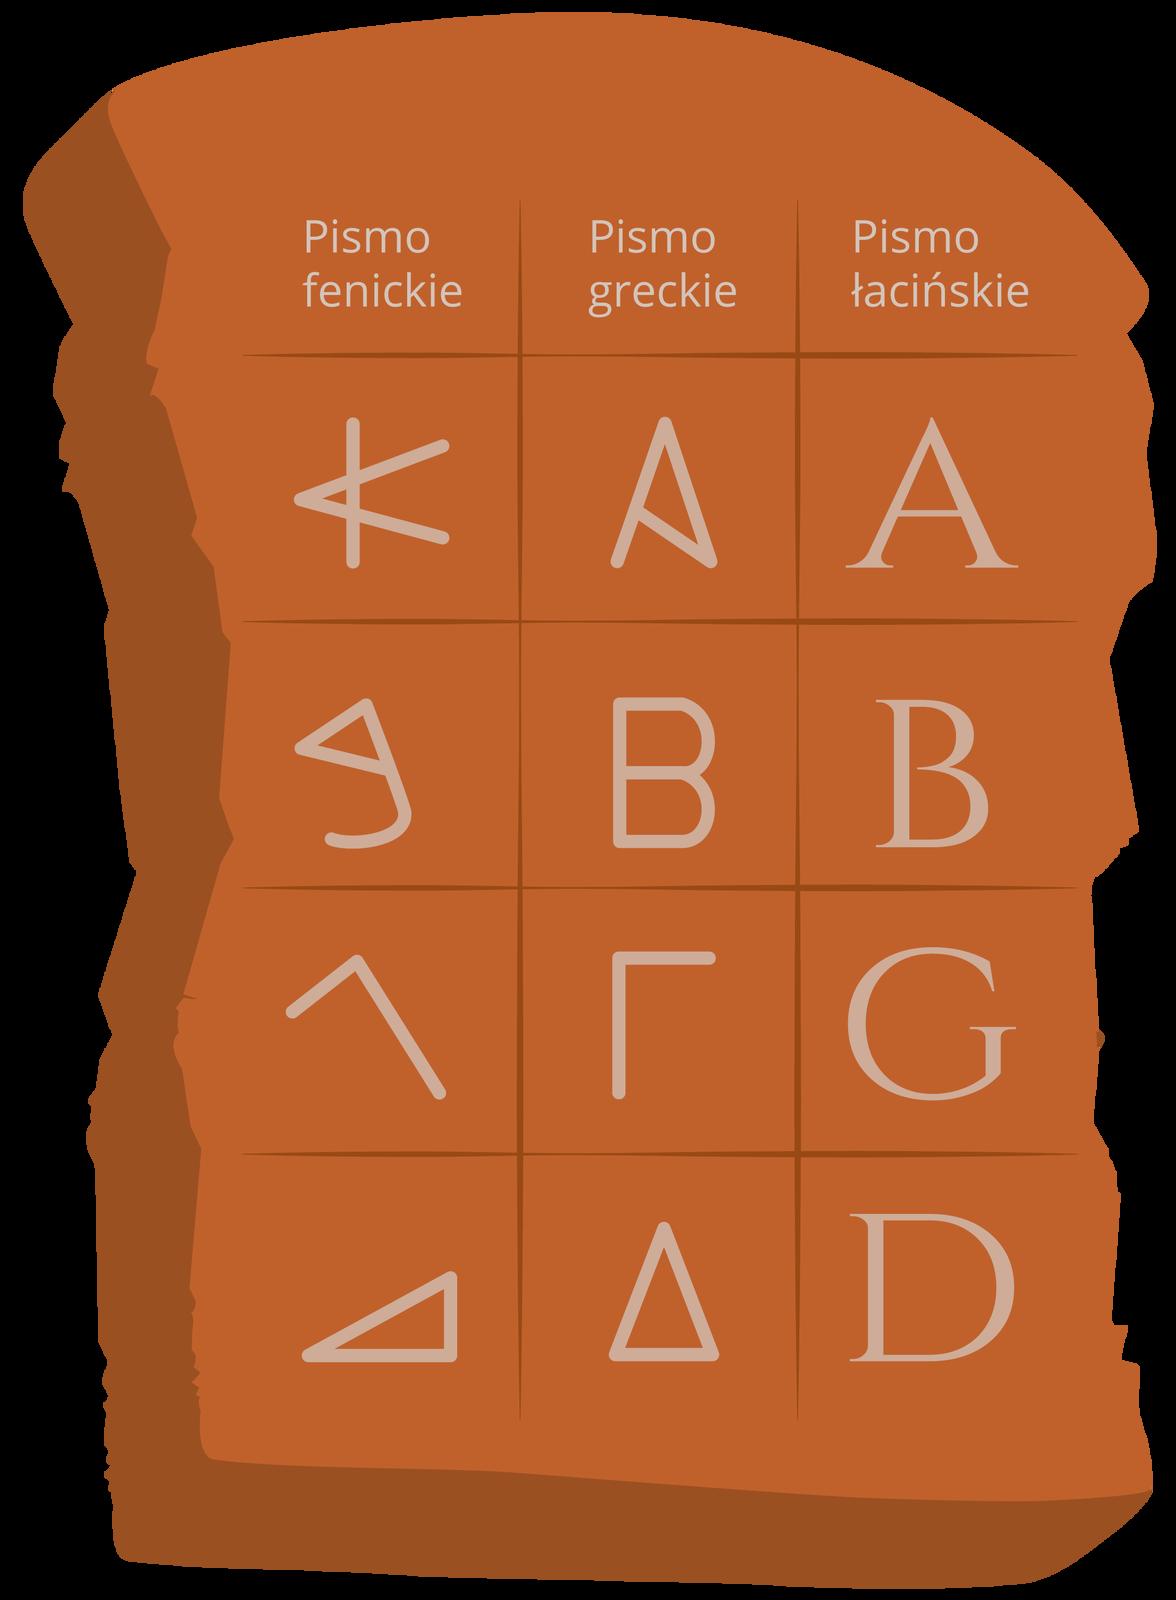 Alfabet łaciński wywodzi się wprostej linii zalfabetu fenickiego. Rzymianie przejęli go za pośrednictwem Greków Alfabet łaciński wywodzi się wprostej linii zalfabetu fenickiego. Rzymianie przejęli go za pośrednictwem Greków Źródło: Contentplus.pl sp. zo.o..